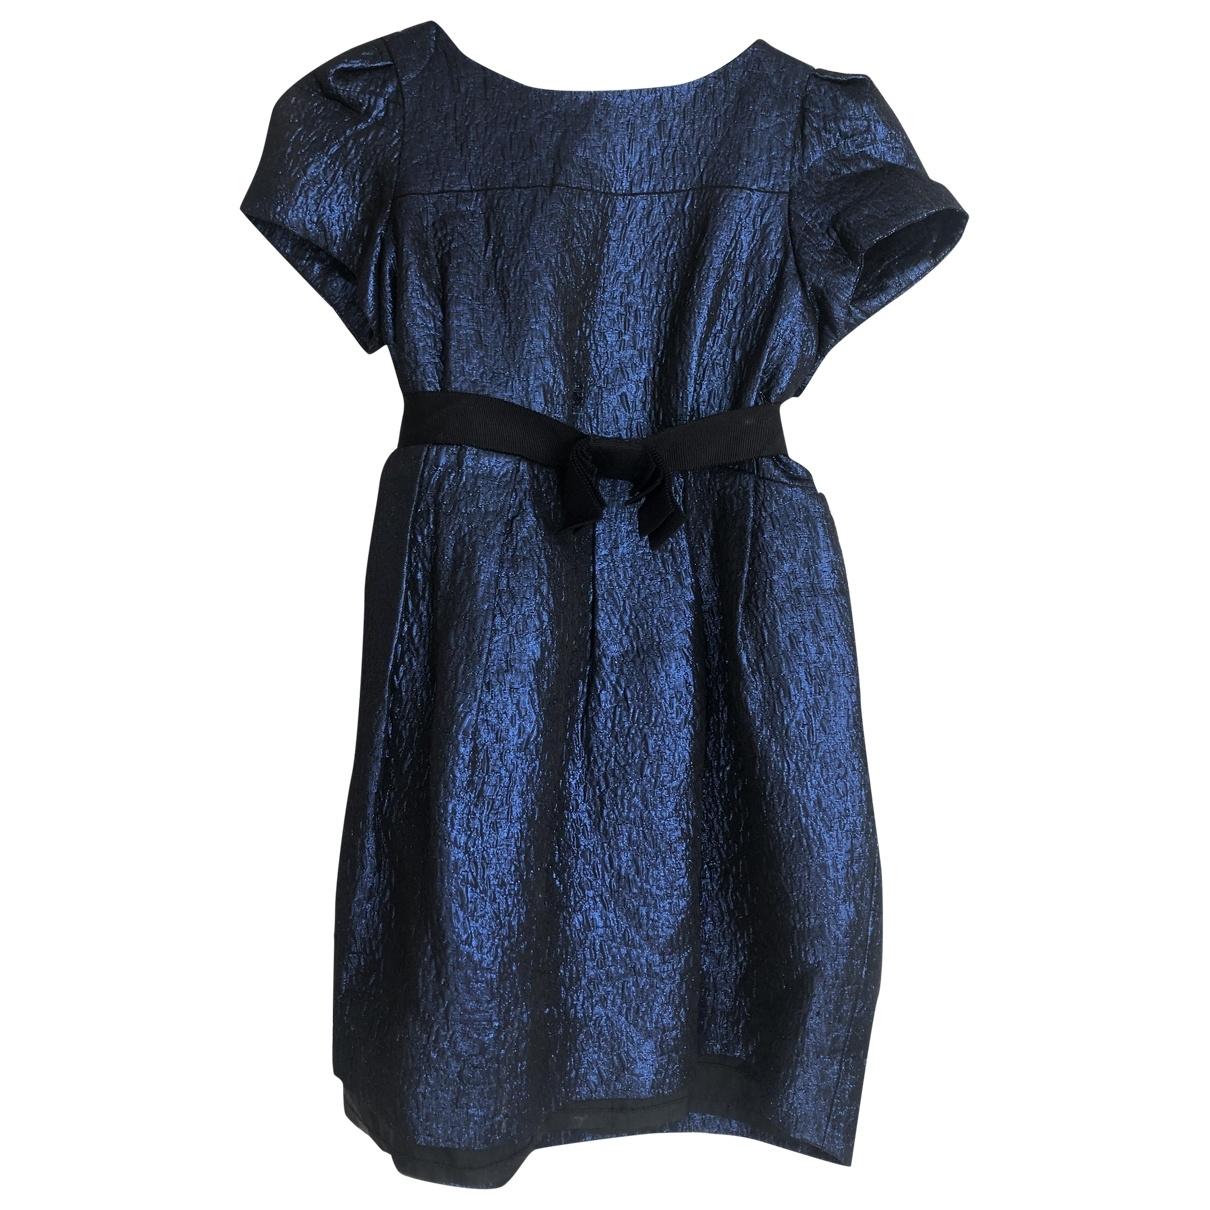 Bonpoint \N Kleid in  Blau Synthetik